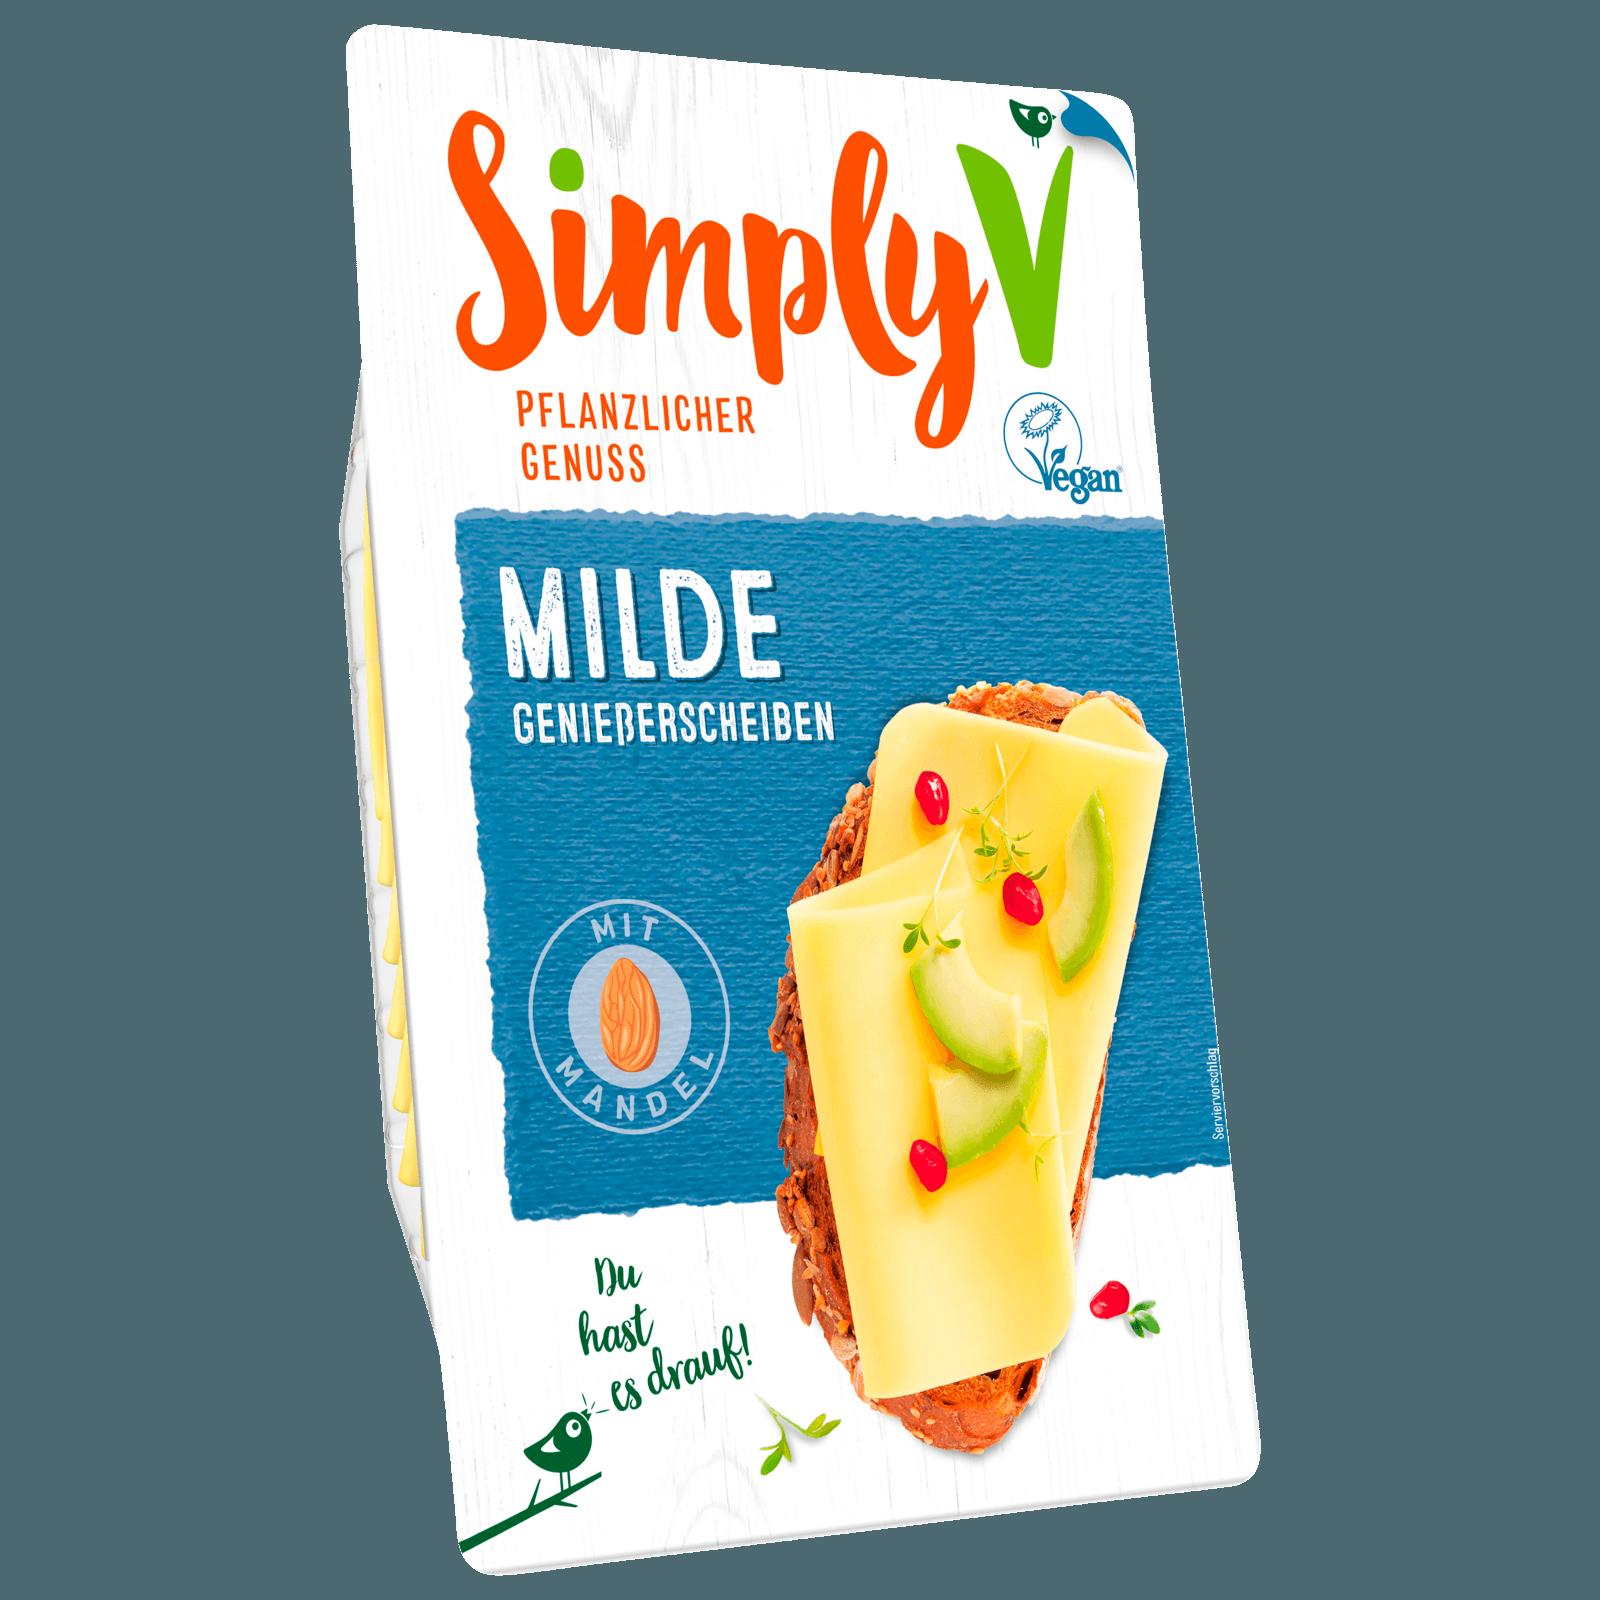 Simply V Vegane Geniesserscheiben 150g Bei Rewe Online Bestellen